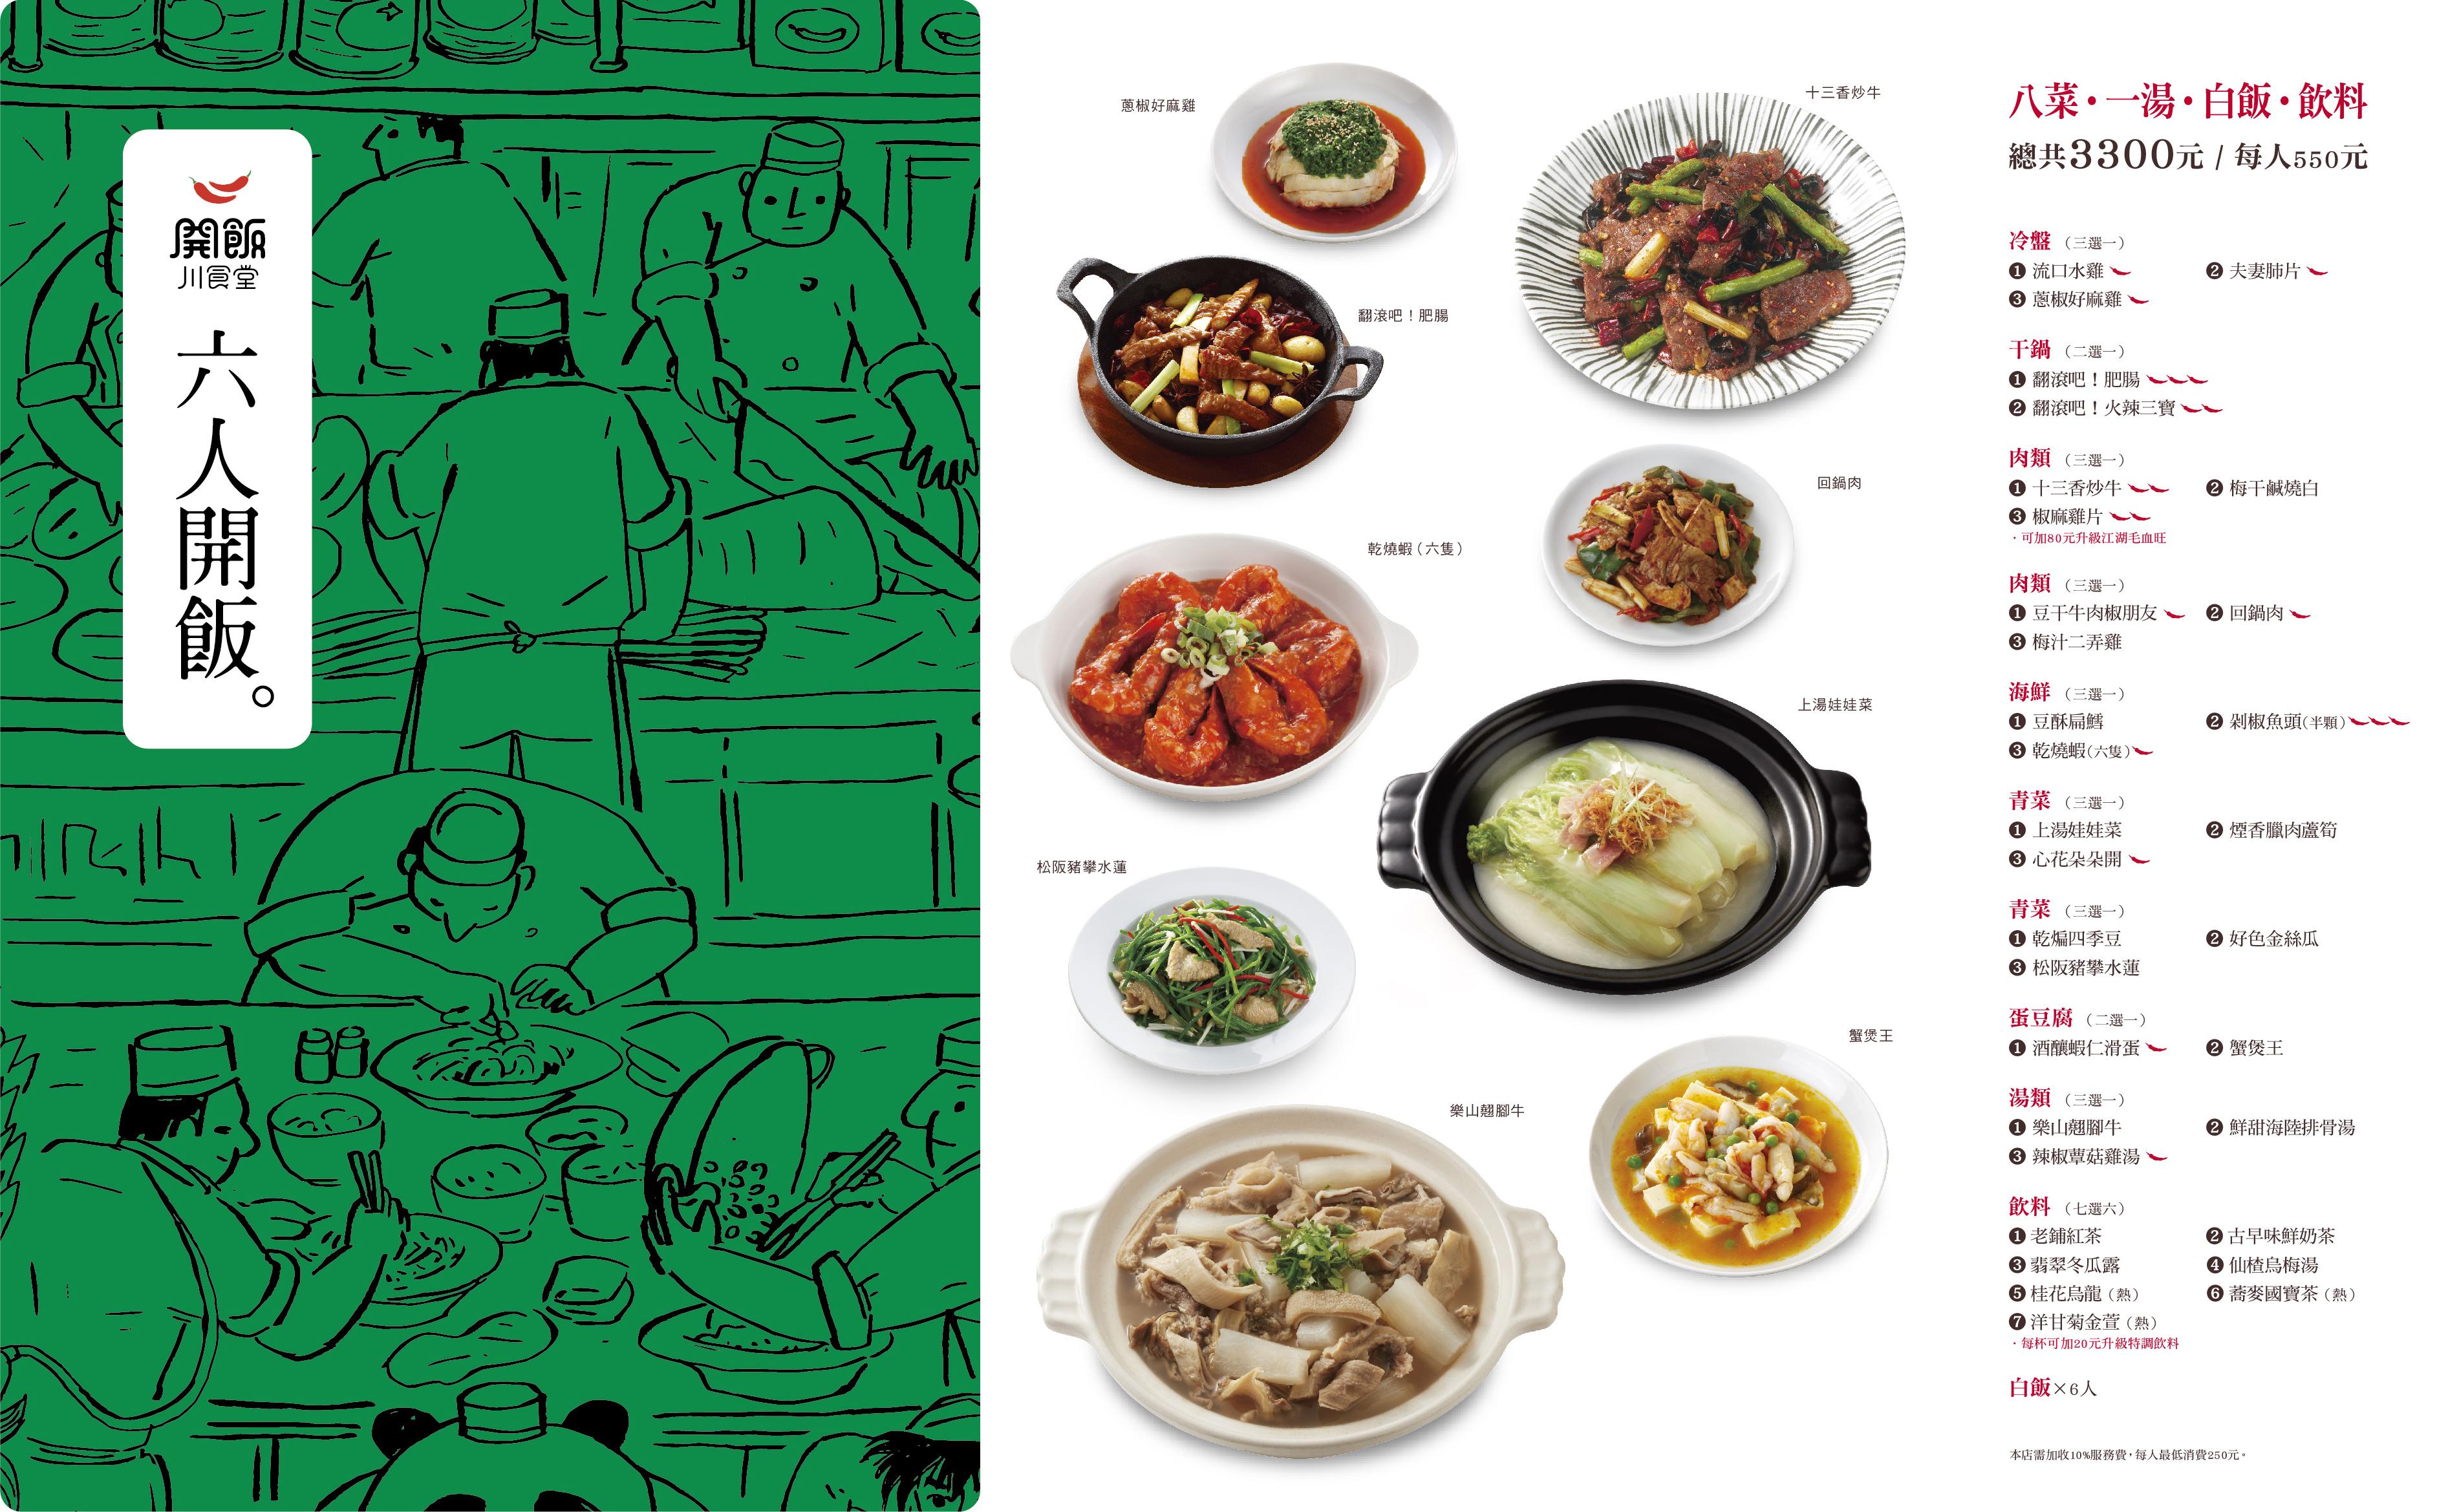 開飯川食堂 菜單 台中 套餐03